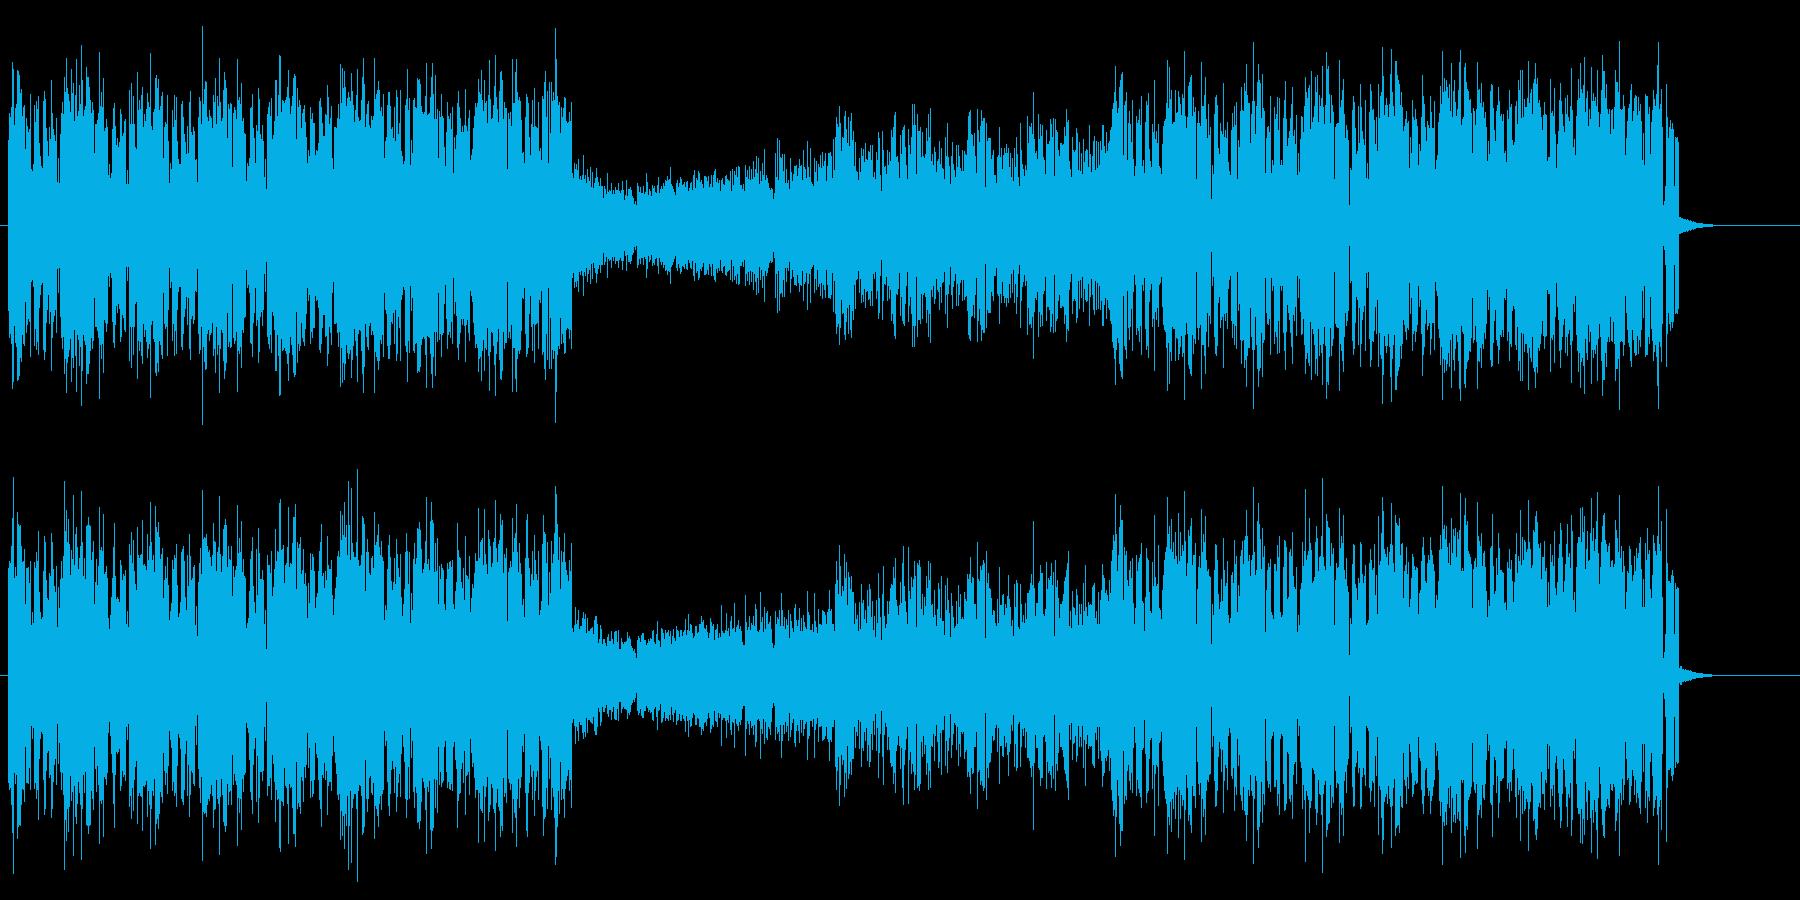 ワブルベースが特徴的なエレクトロハウスの再生済みの波形